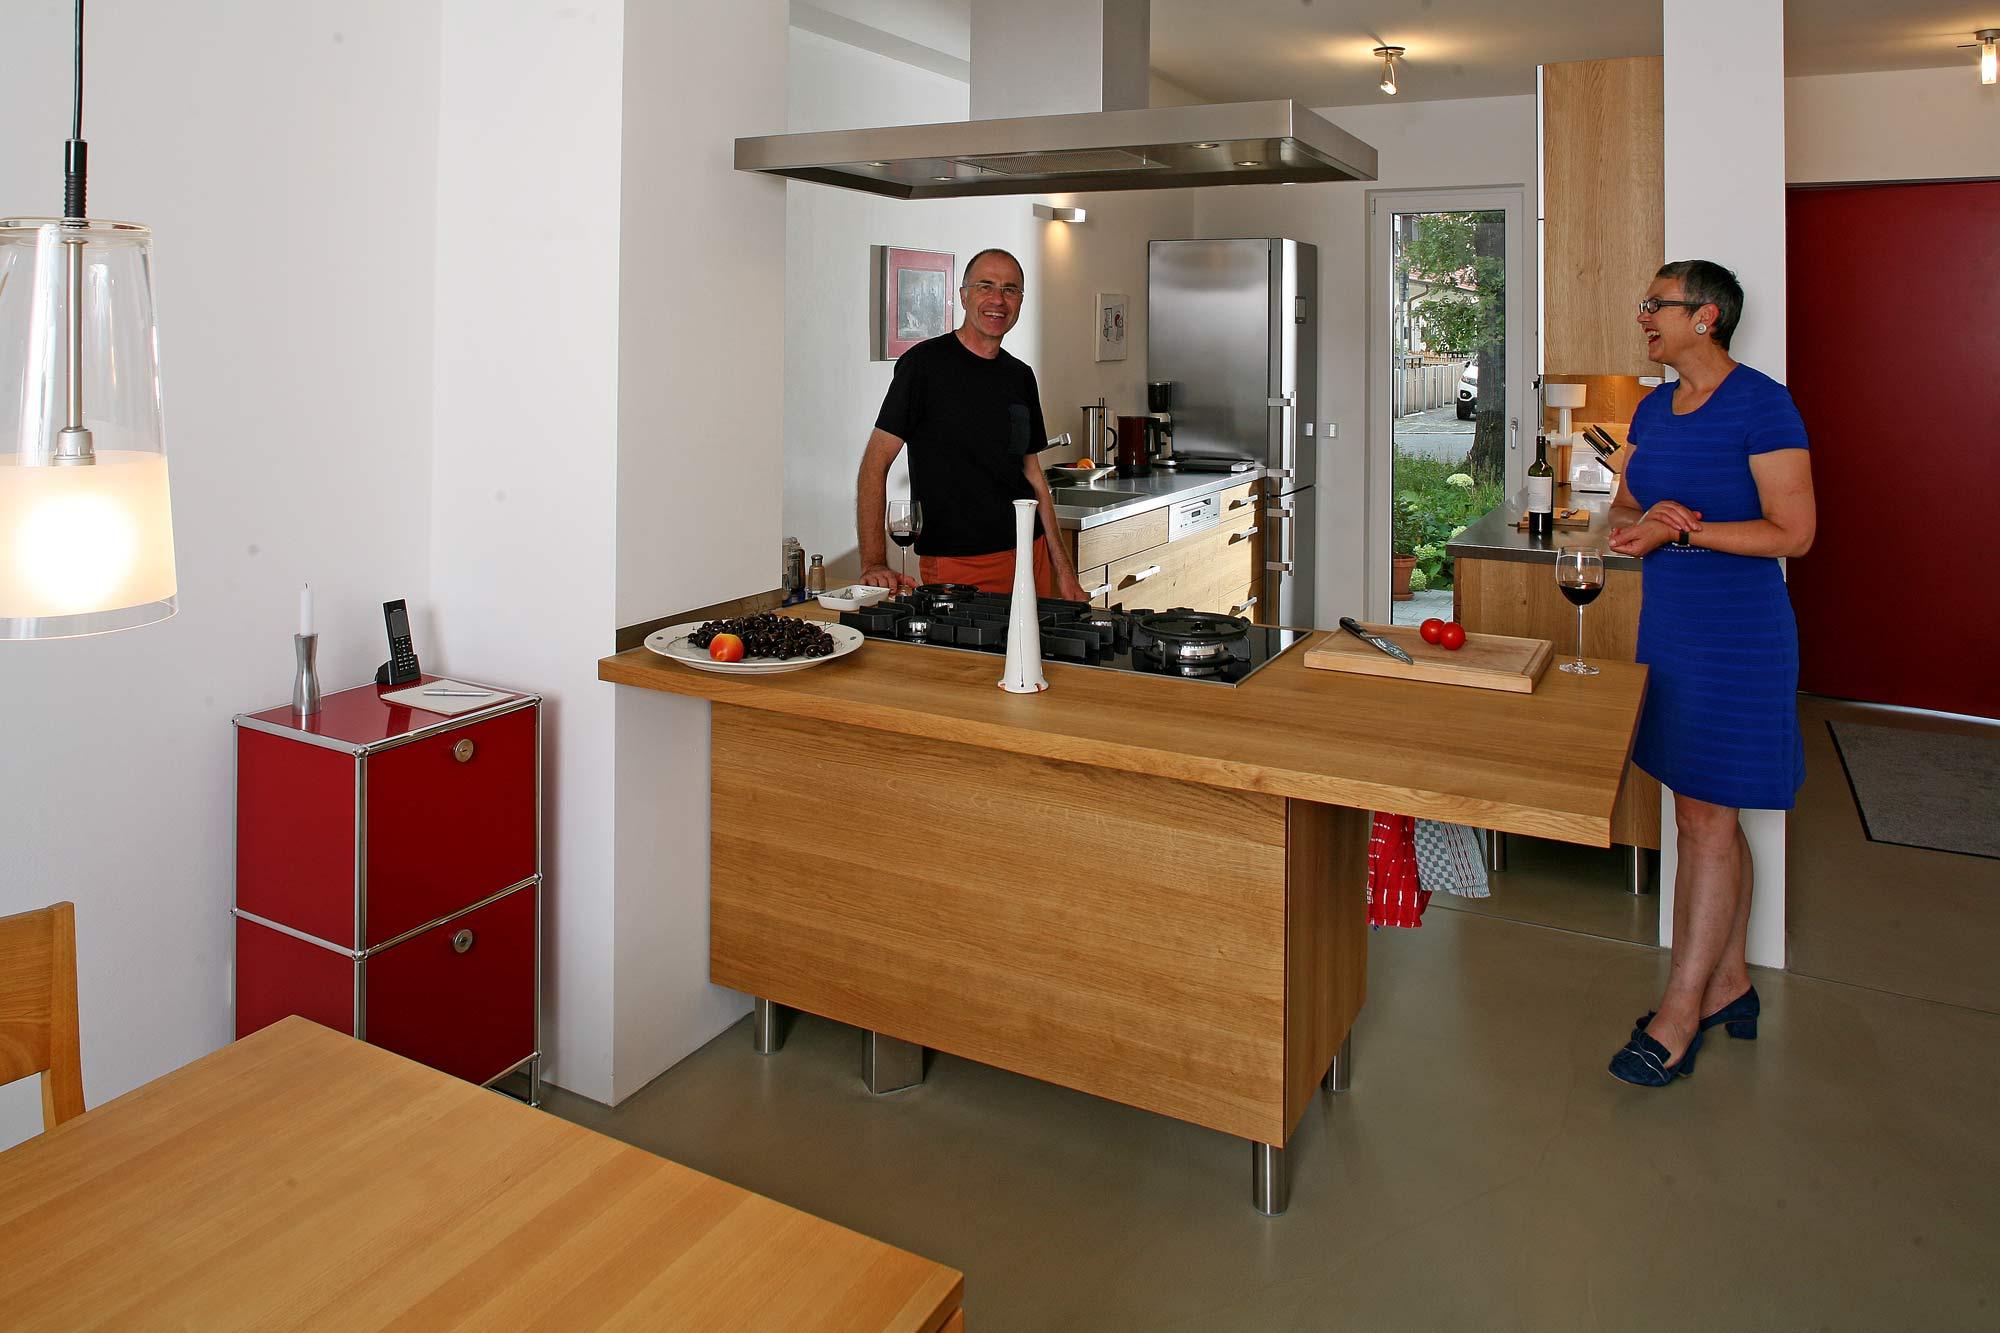 Vollholzküche Aus Masiver Eiche Mit Arbeitsplaten Aus Edelstahl